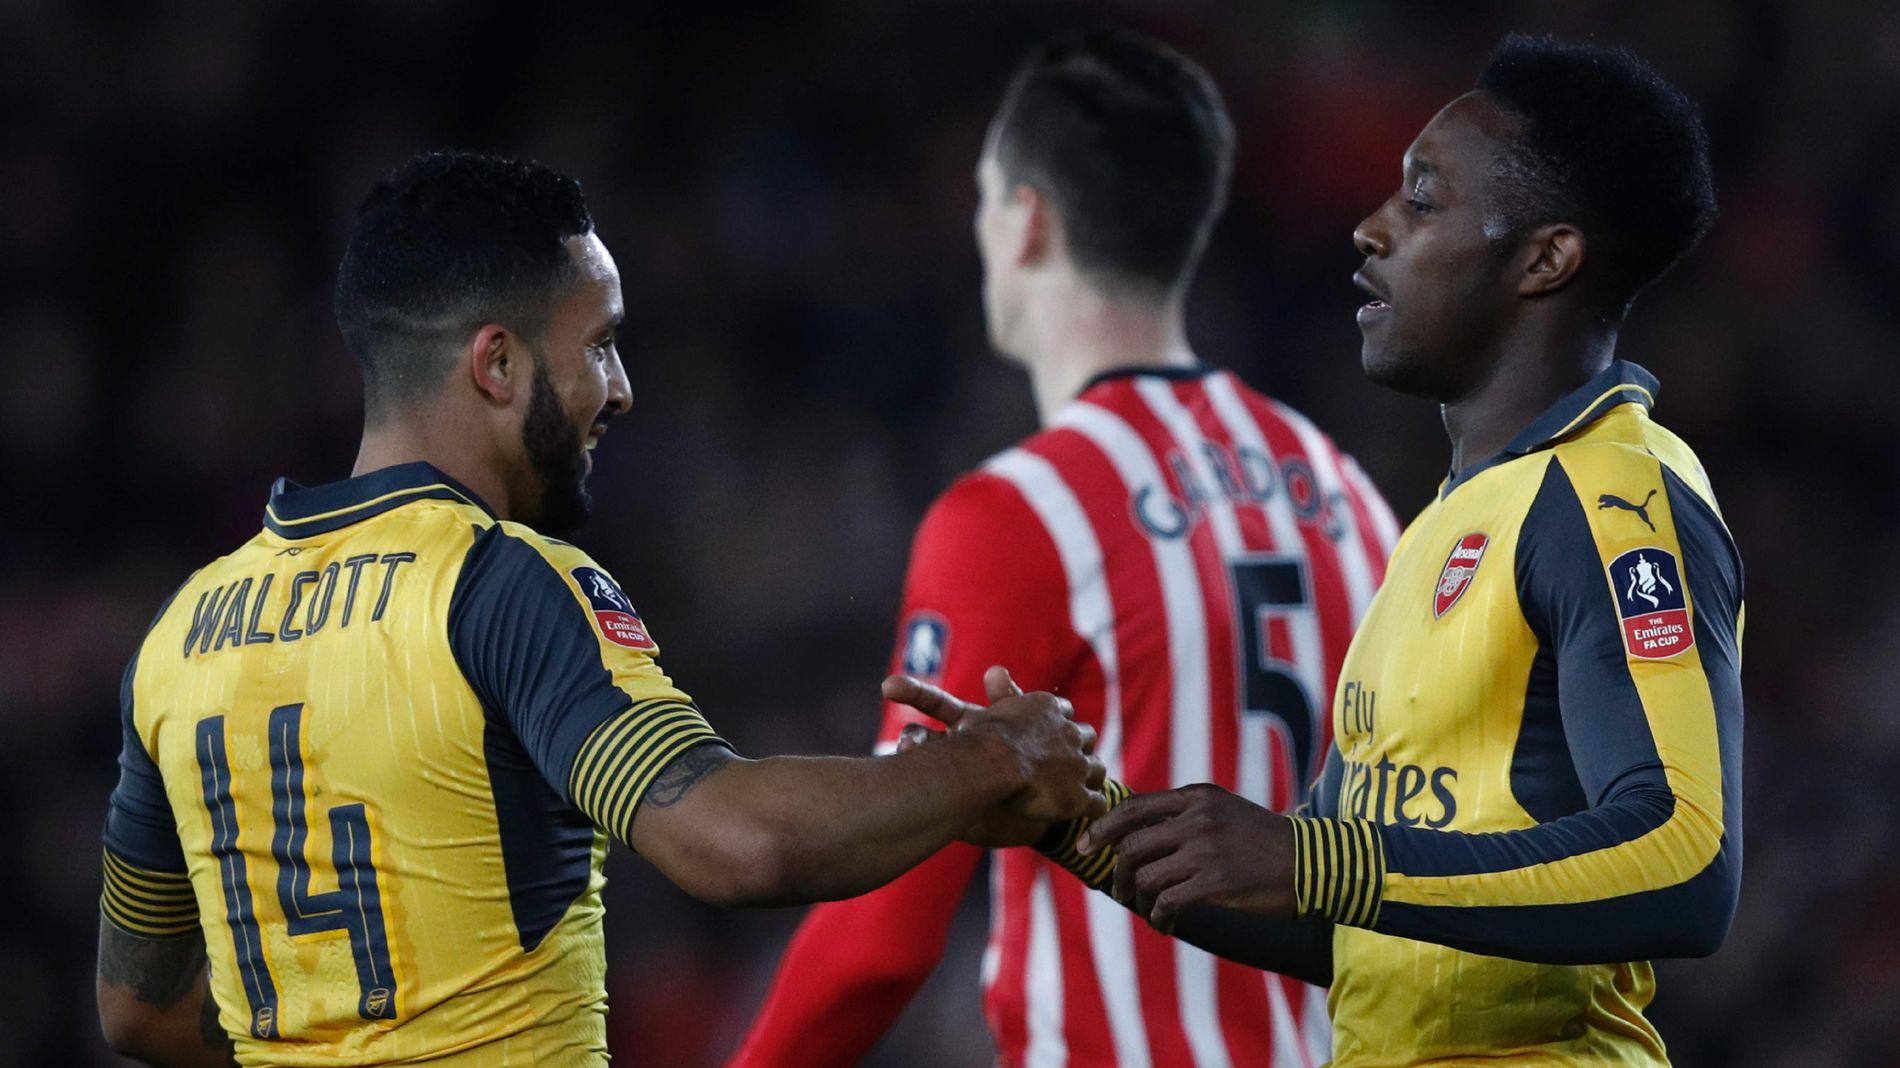 OVERLEGNE: Theo Walcott (t-v-) scoret tre og Danny Welbeck (t.h.) to da Arsenal knuste Southampton på bortebane. I bakgrunnen skimtes Southamptons Florin Gardos.